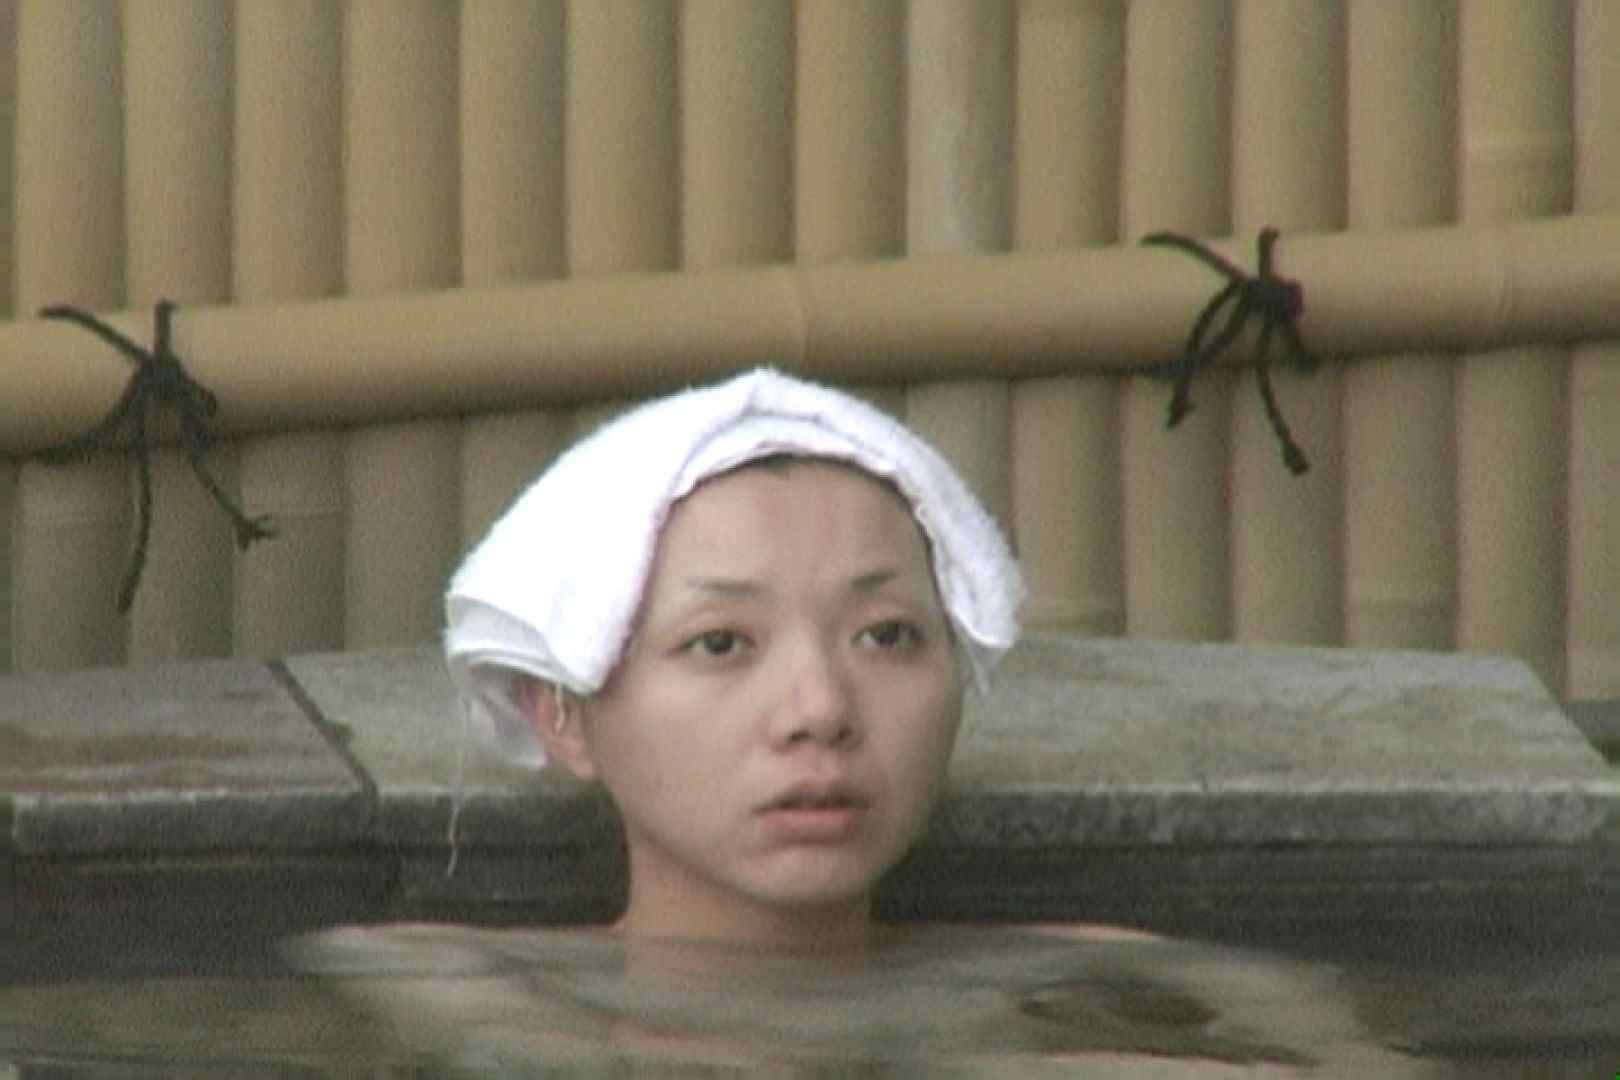 Aquaな露天風呂Vol.630 OLエロ画像 | 盗撮  110PICs 40